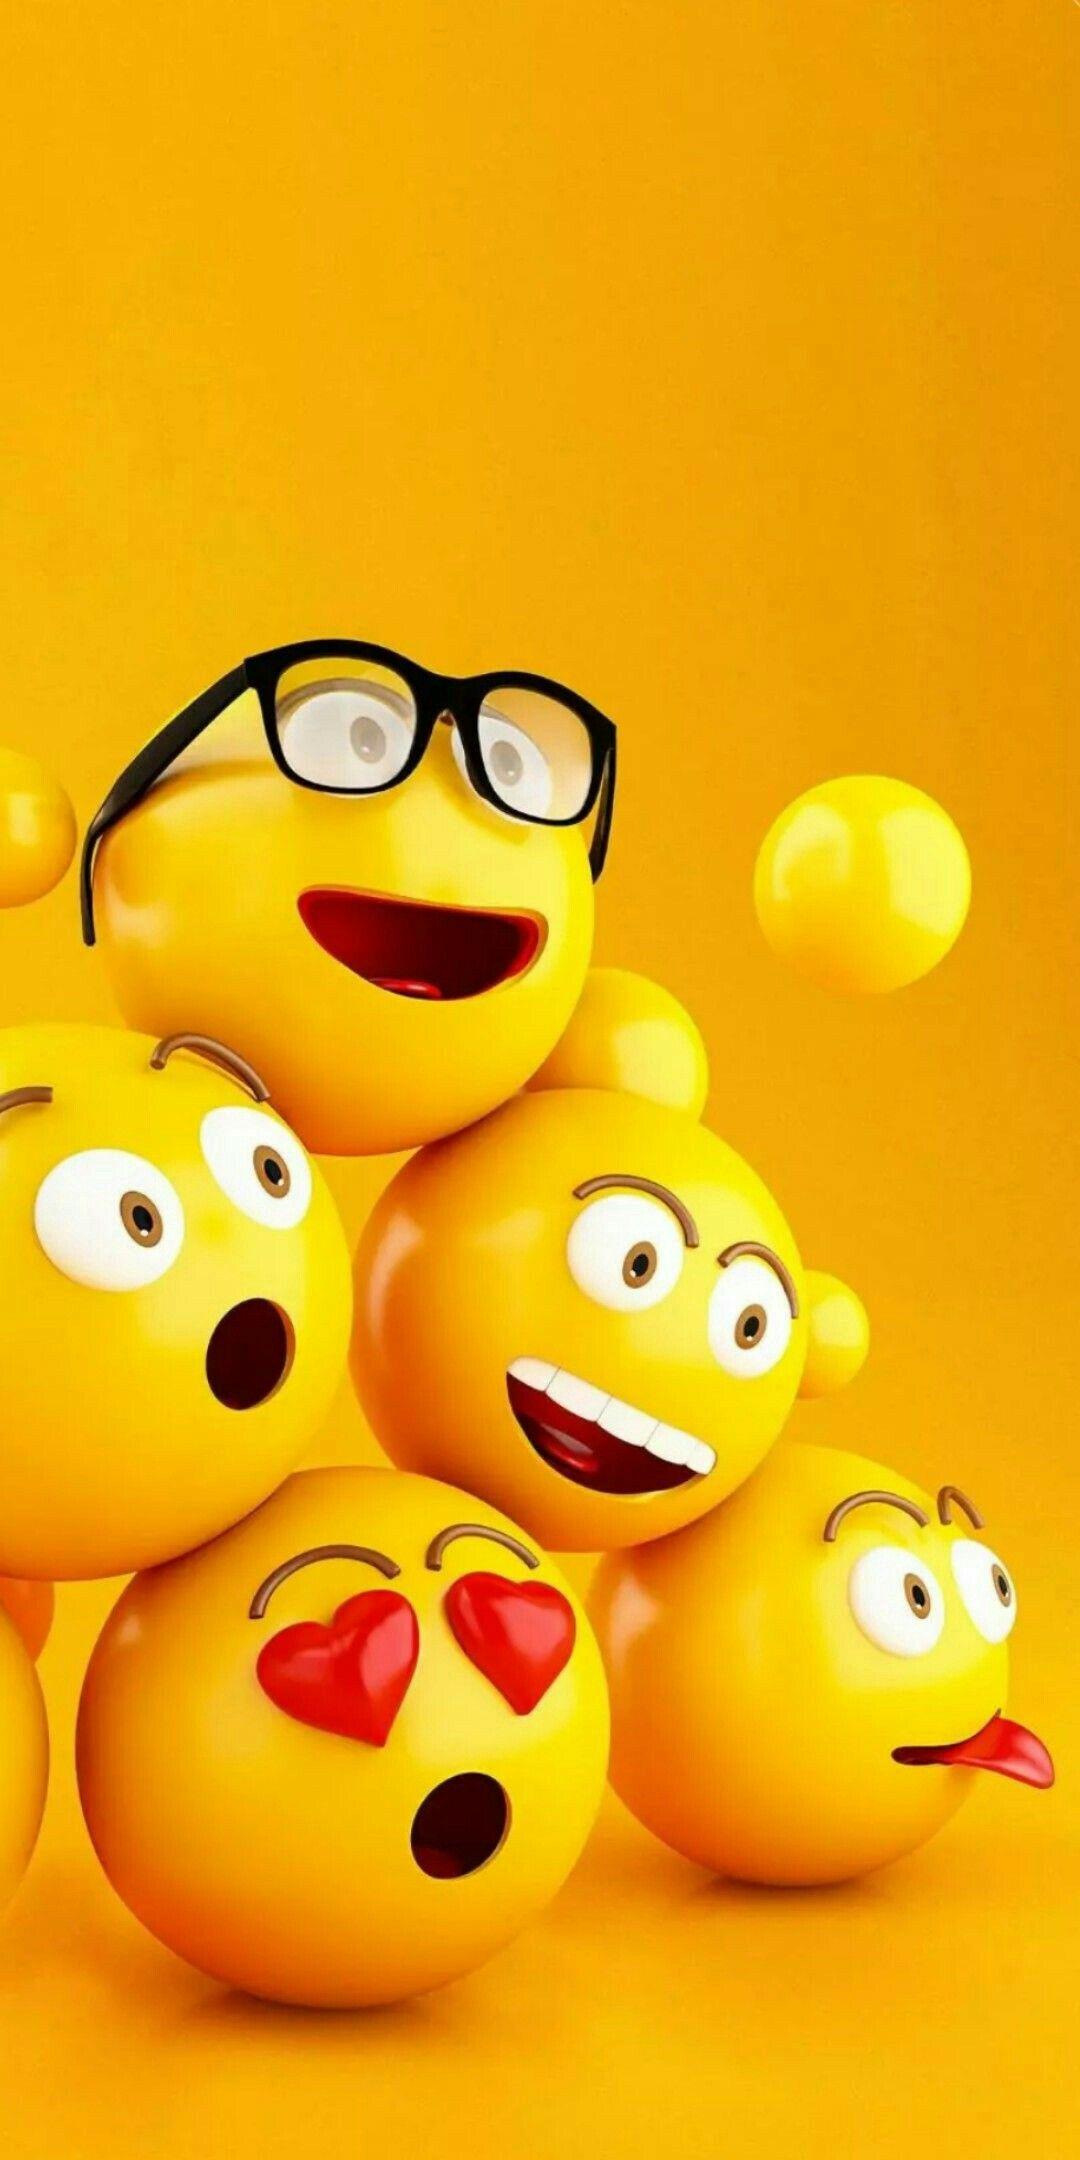 Image 2700957 By Marky On Favim Com Emoji Wallpaper Hipster Wallpaper Emoji Backgrounds